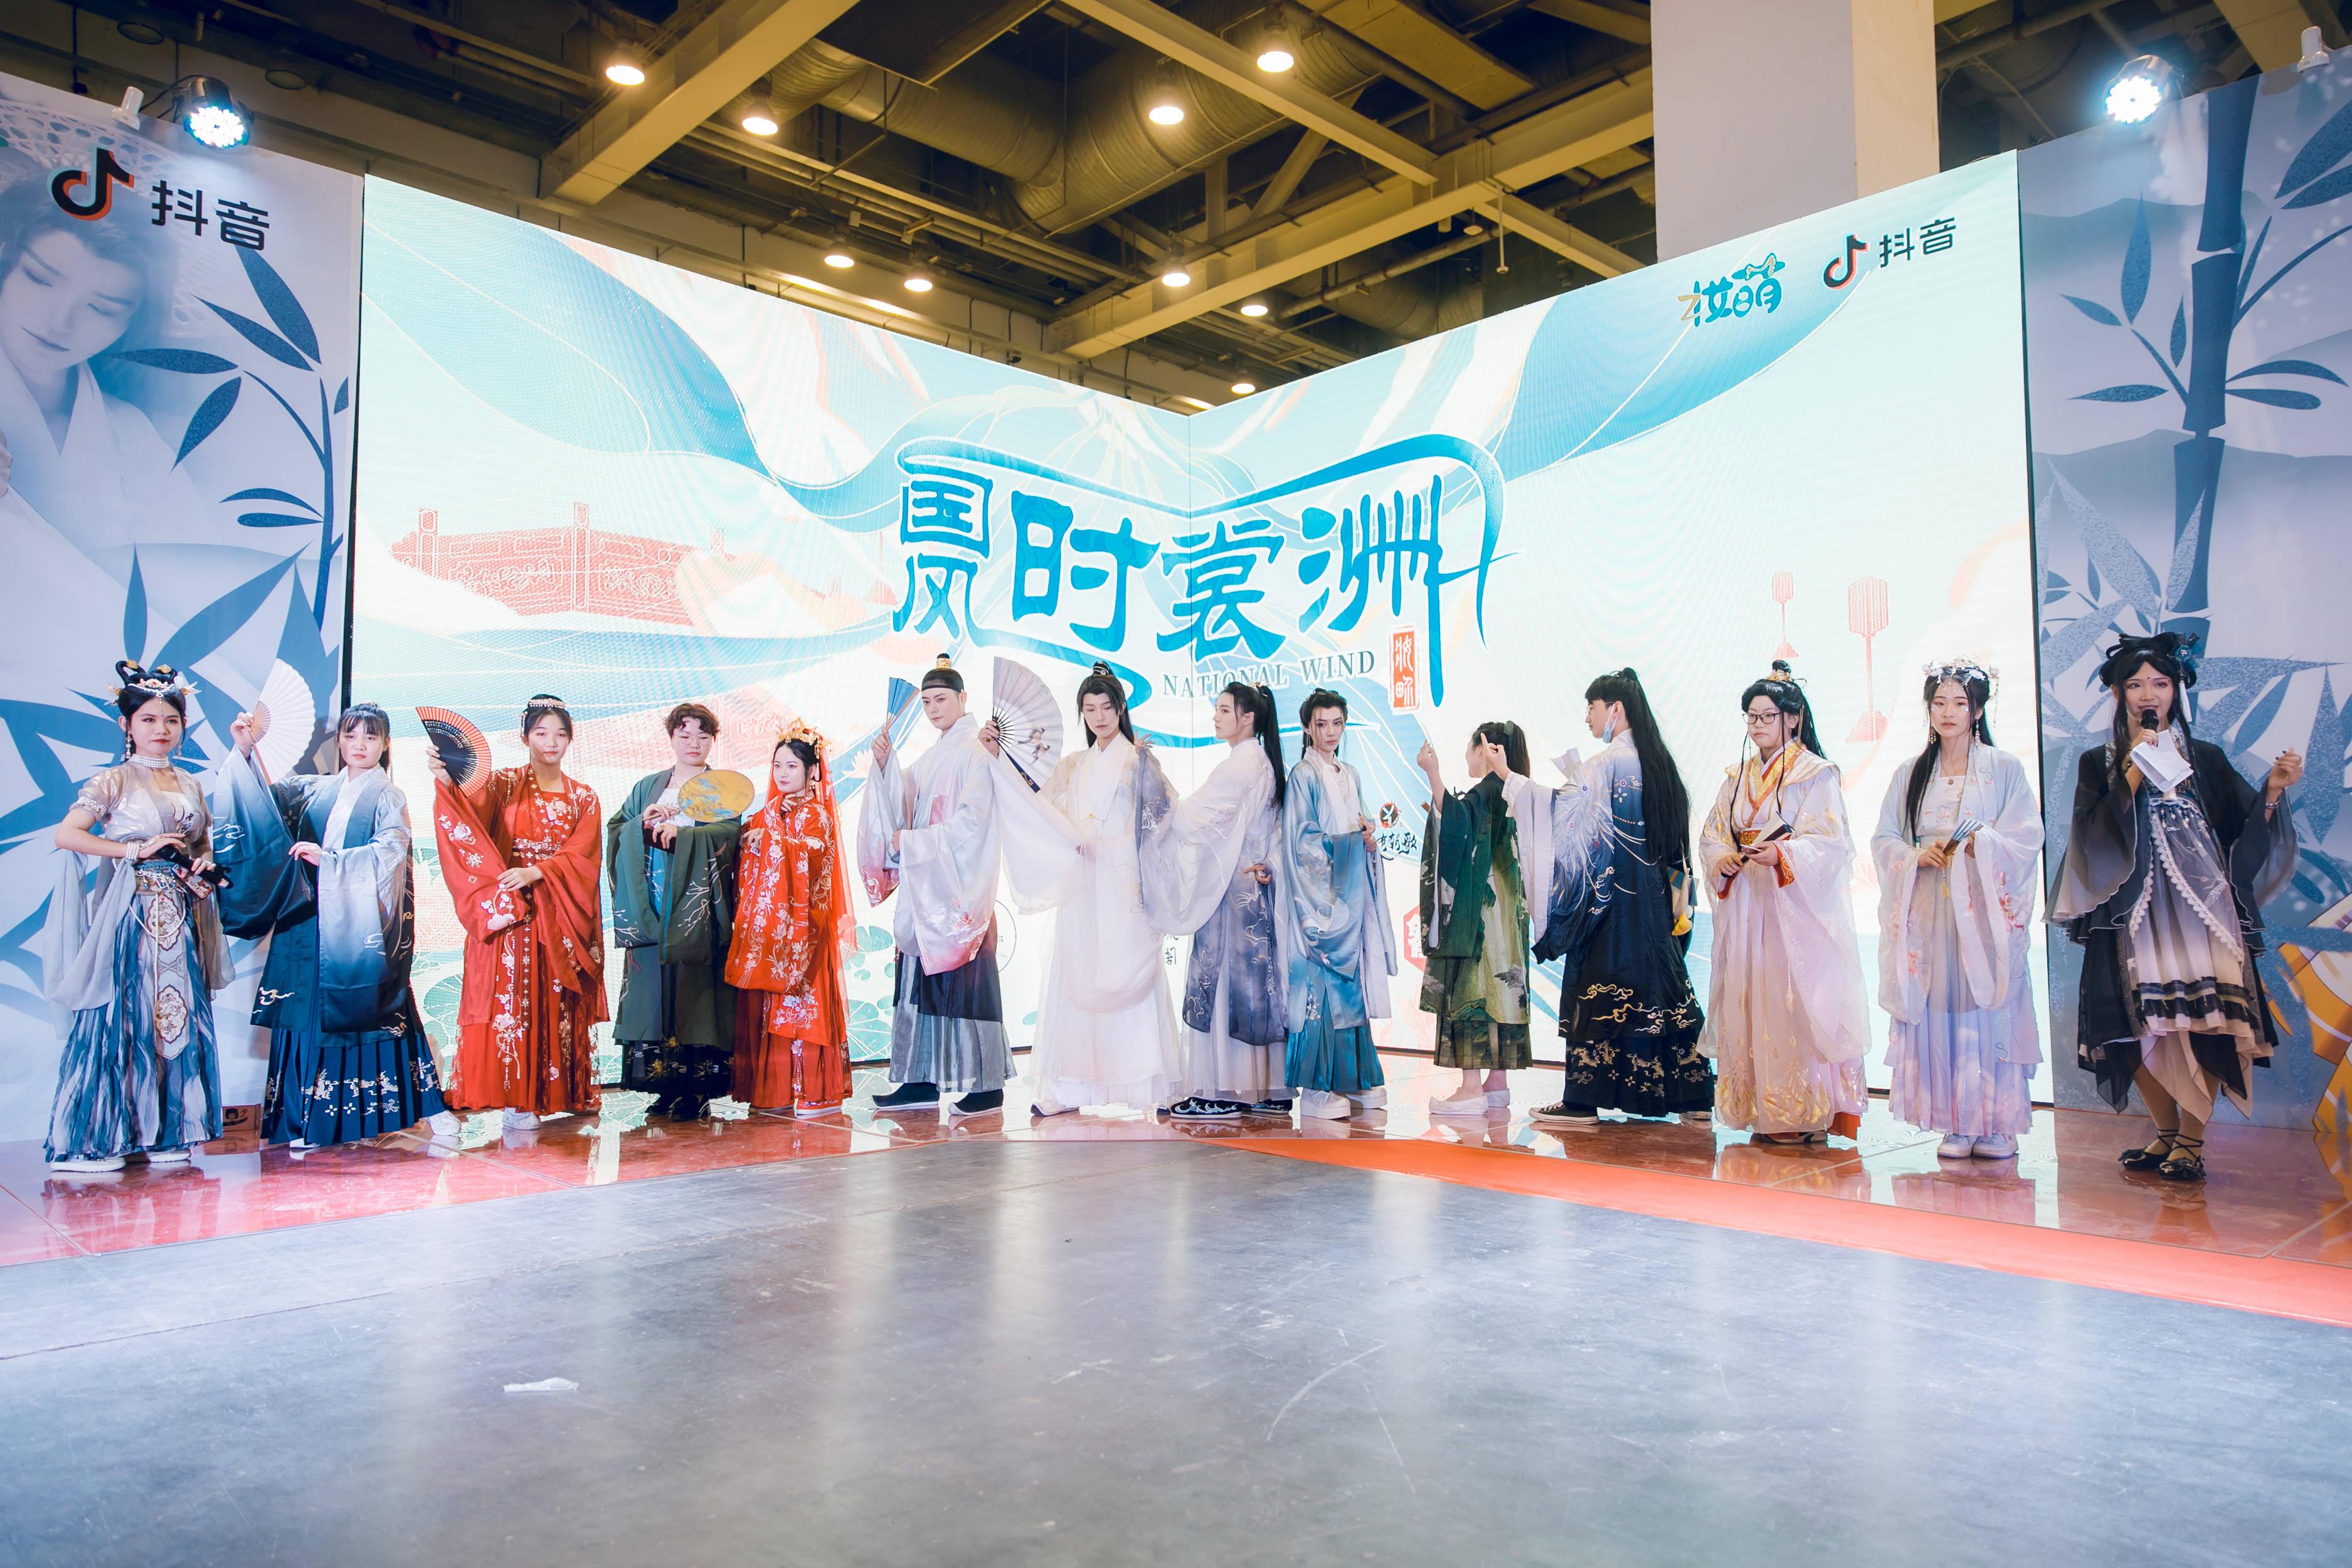 苏州第三届CG国风动漫节来了 五一齐聚阳澄电竞馆! 展会活动-第5张